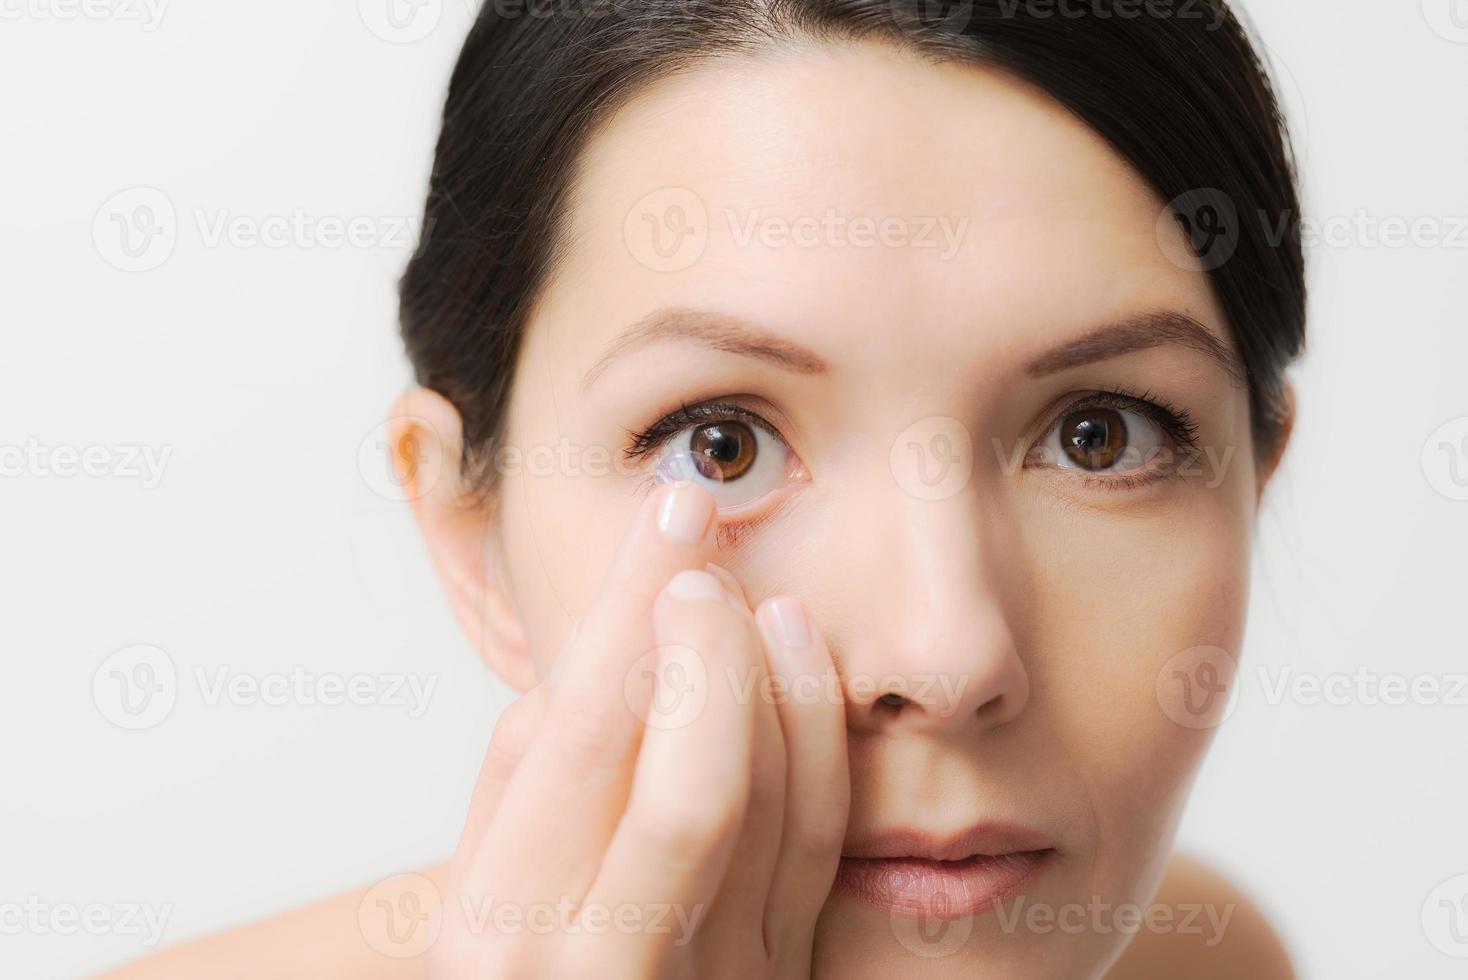 vrouw op het punt om een contactlens in haar oog te plaatsen foto